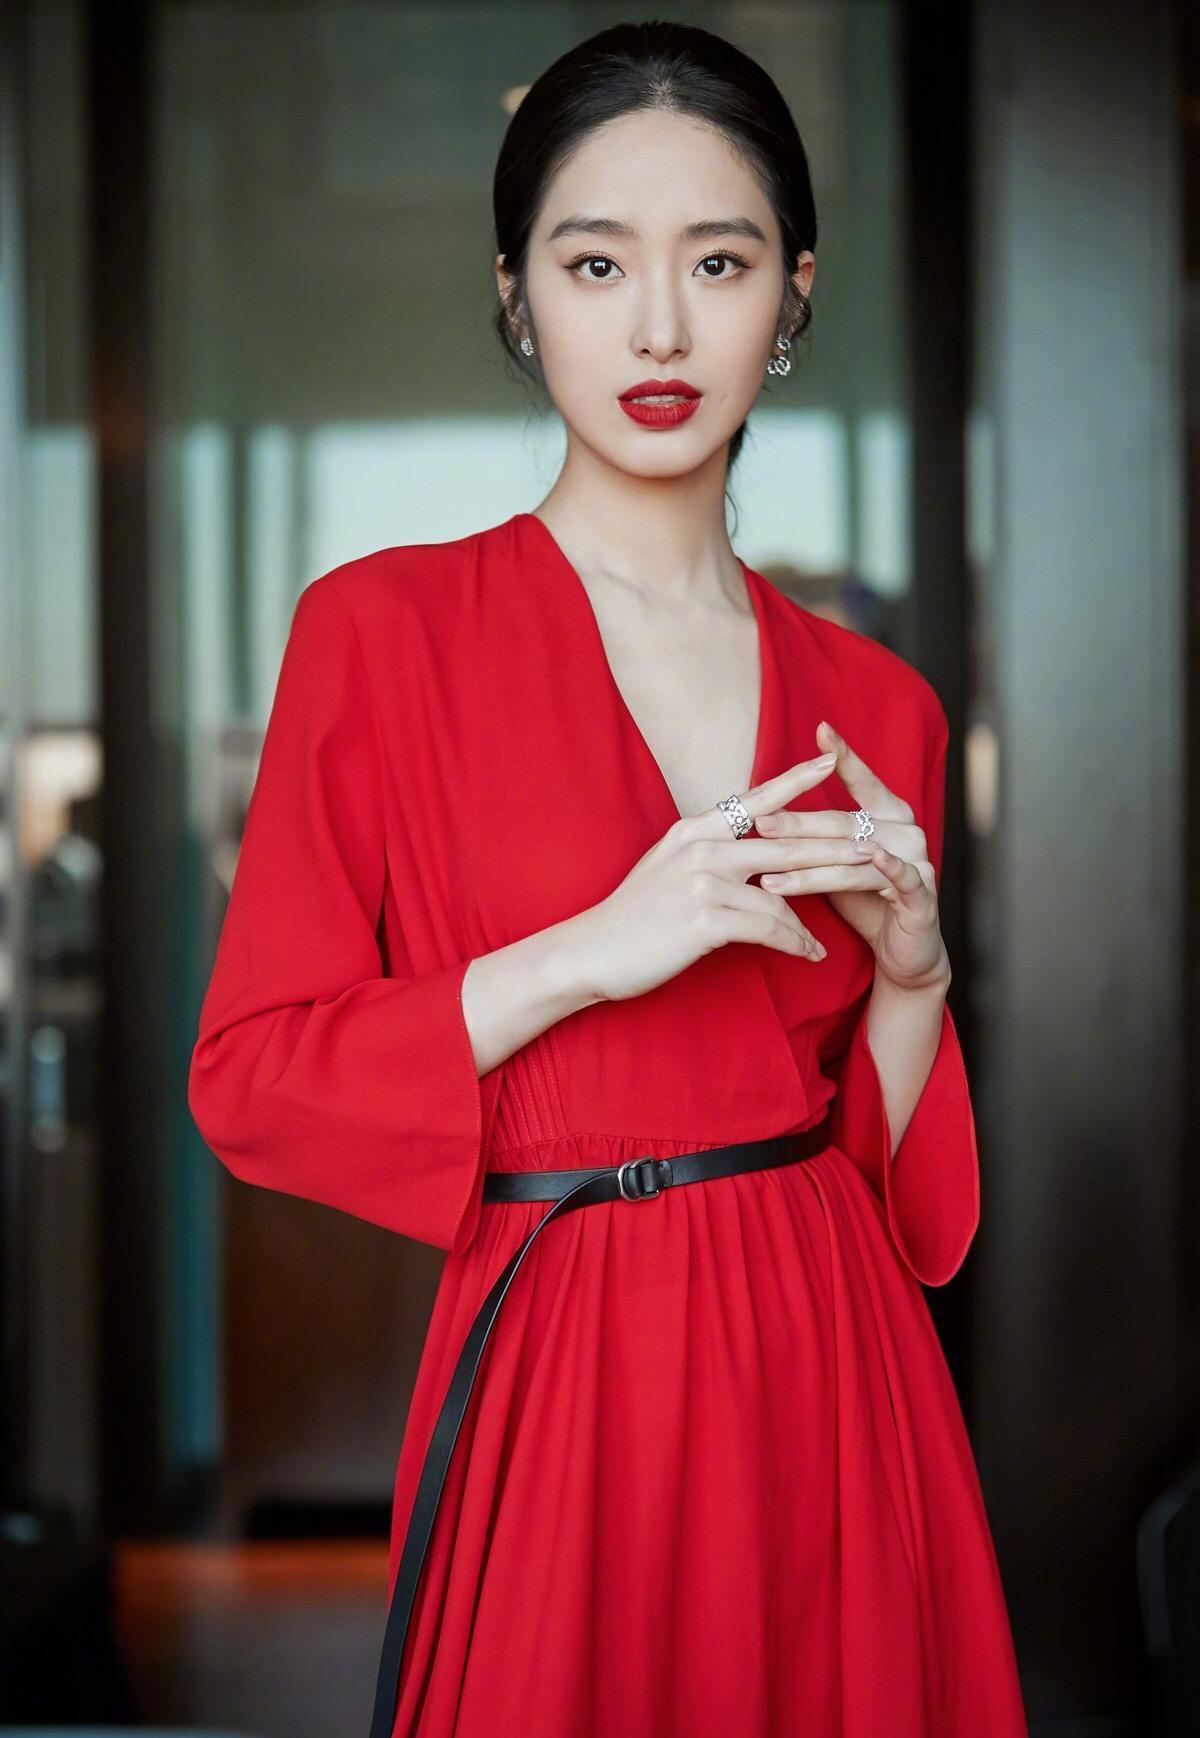 杨采钰刚取代刘亦菲演女主,在拉萨和陈金飞被偶遇,又被曝已结婚